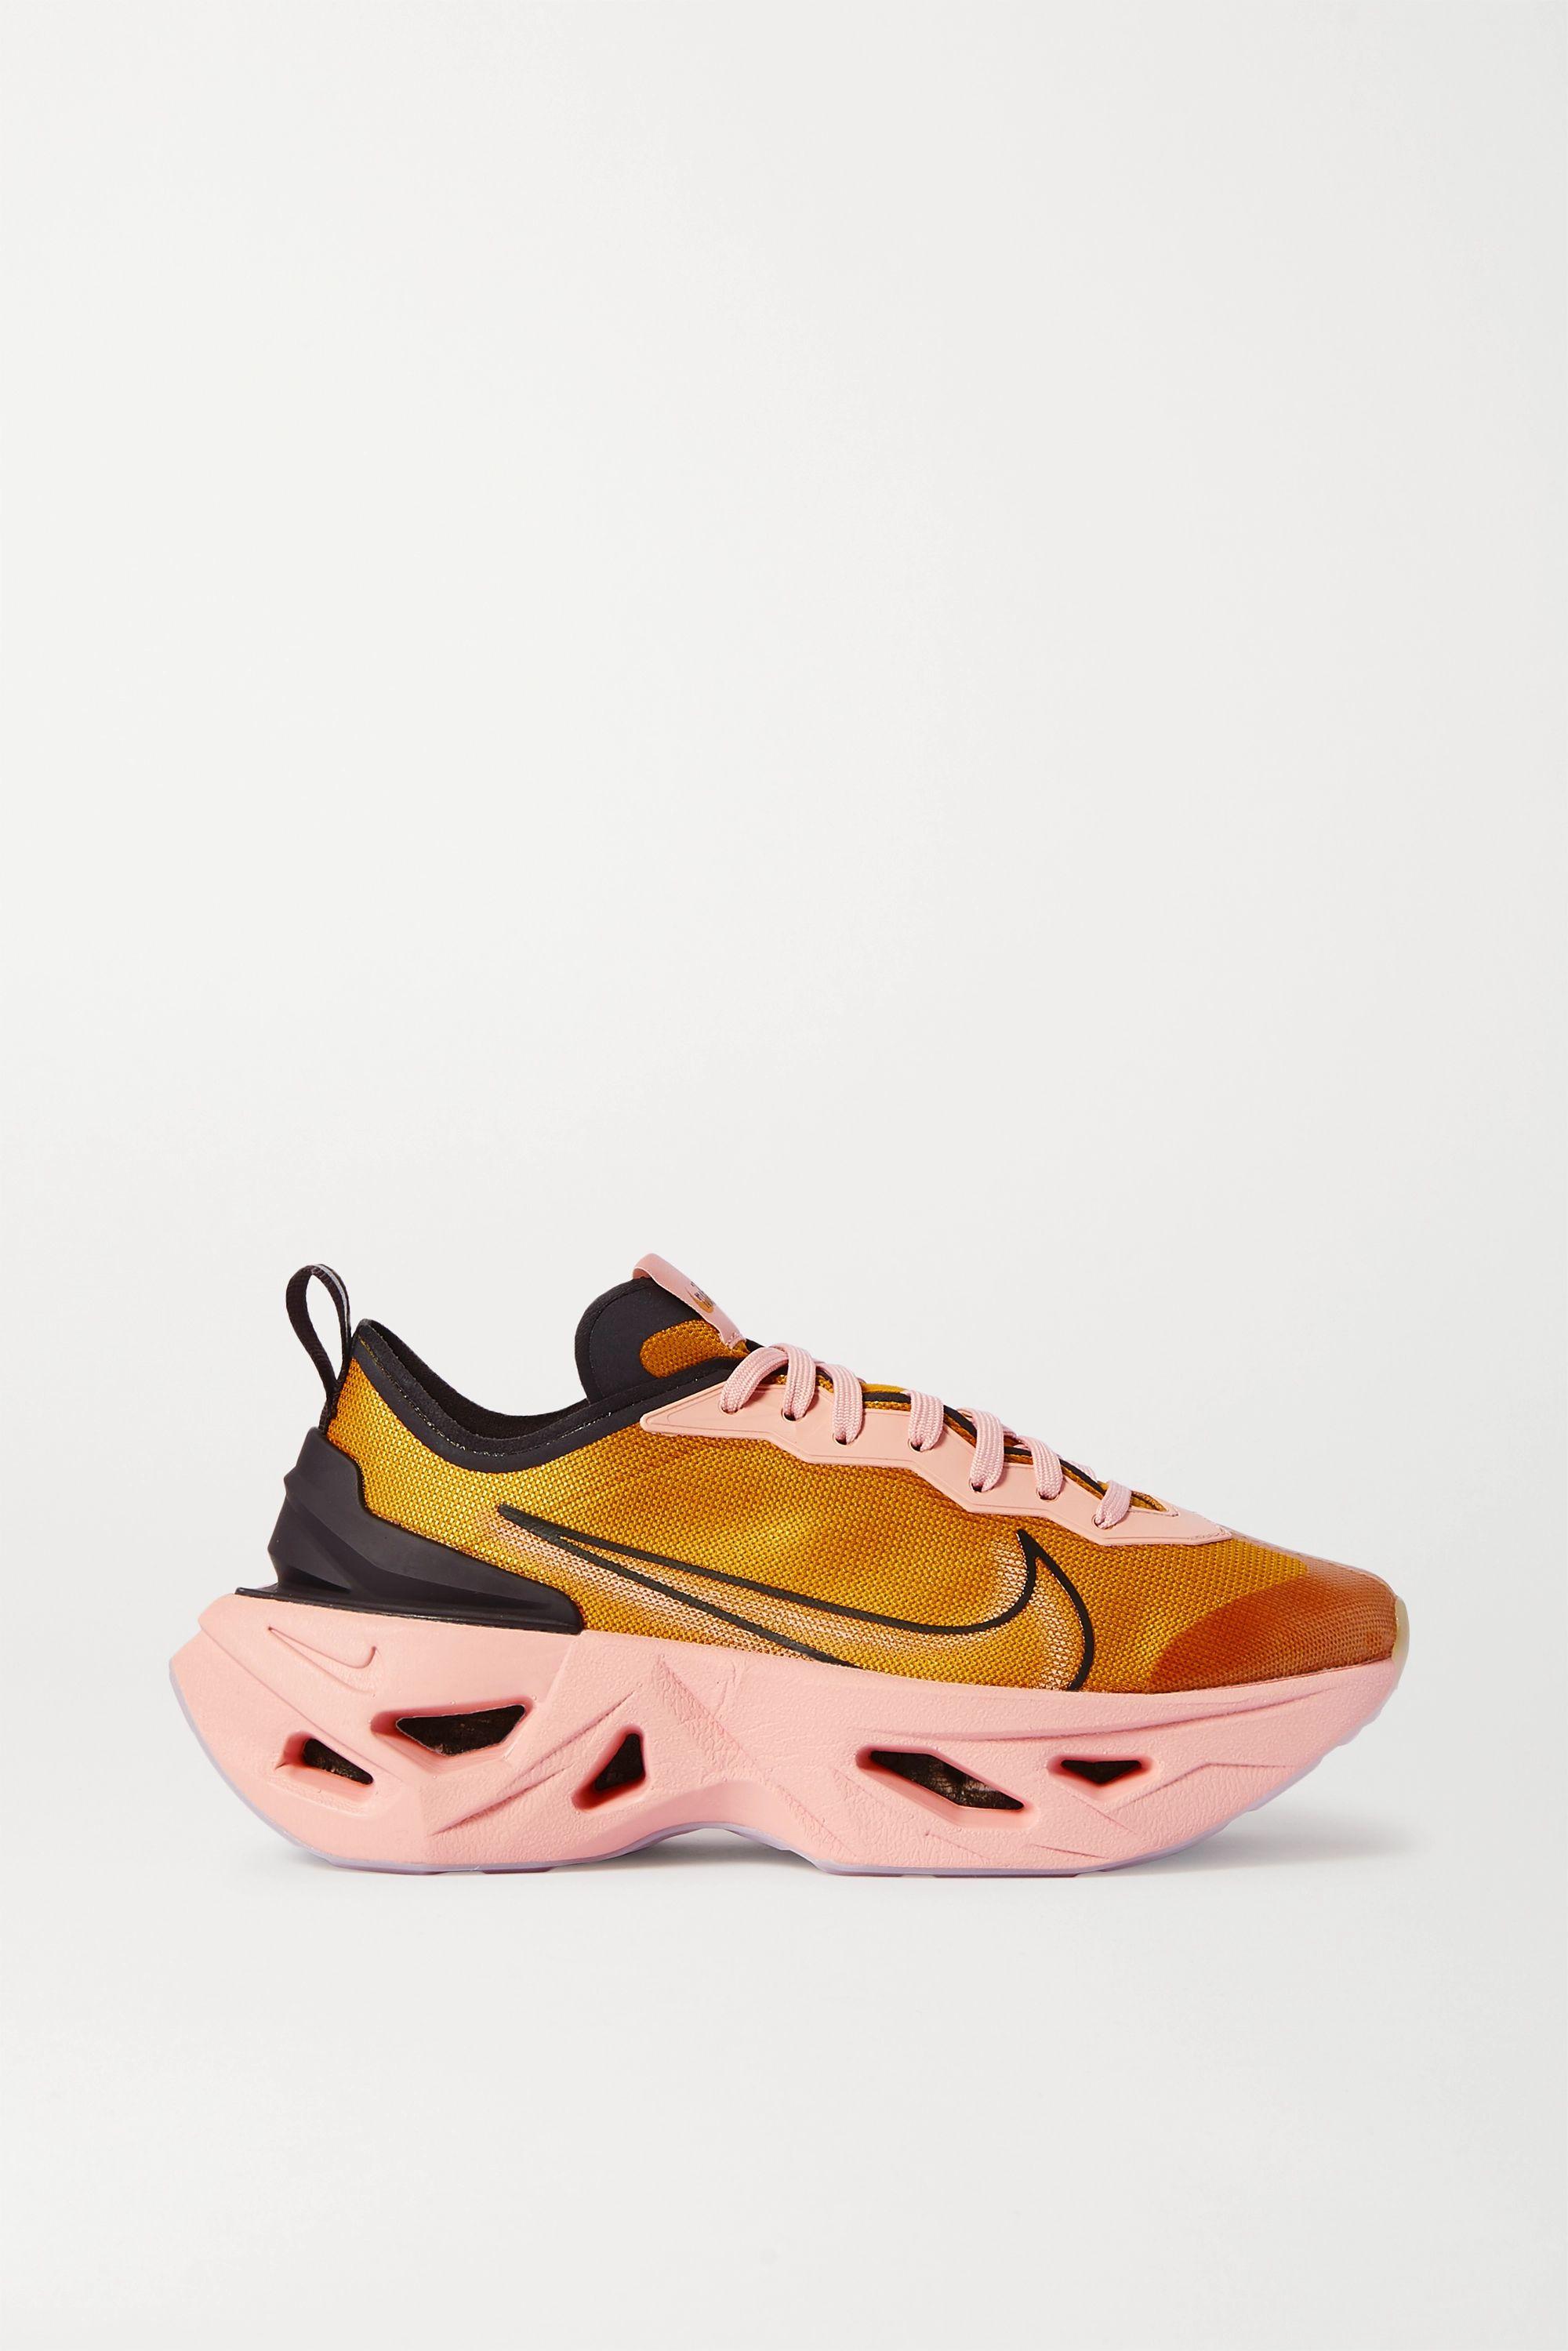 Orbita mezcla Sherlock Holmes  Mustard ZoomX Vista Grind mesh sneakers | Nike | NET-A-PORTER